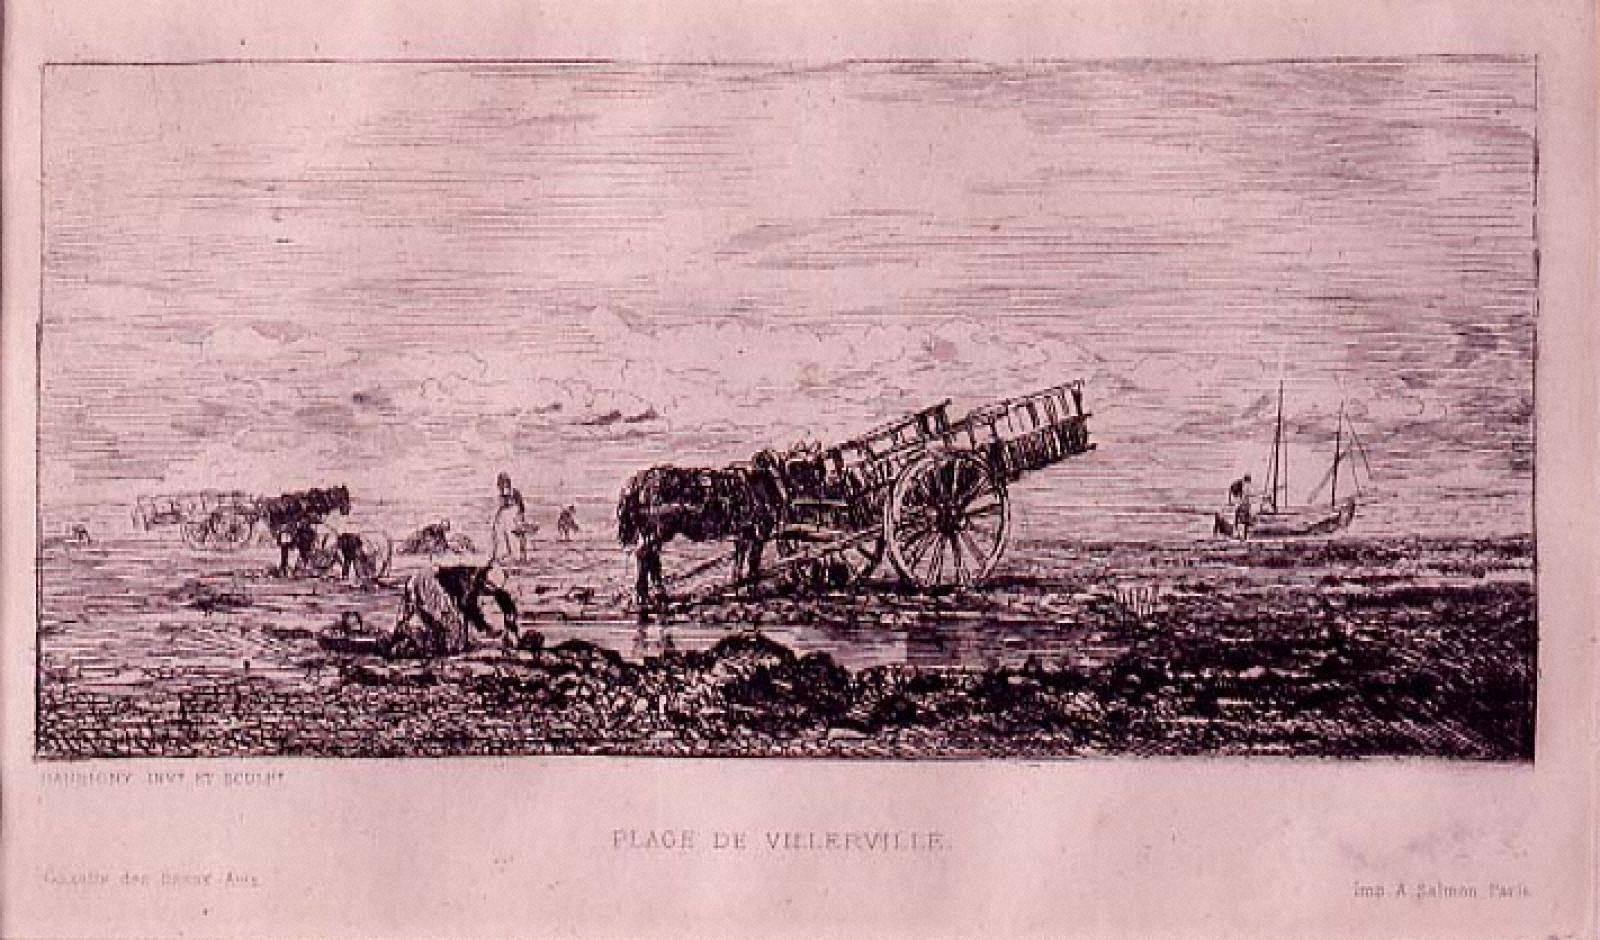 ヴィレルヴィル海岸